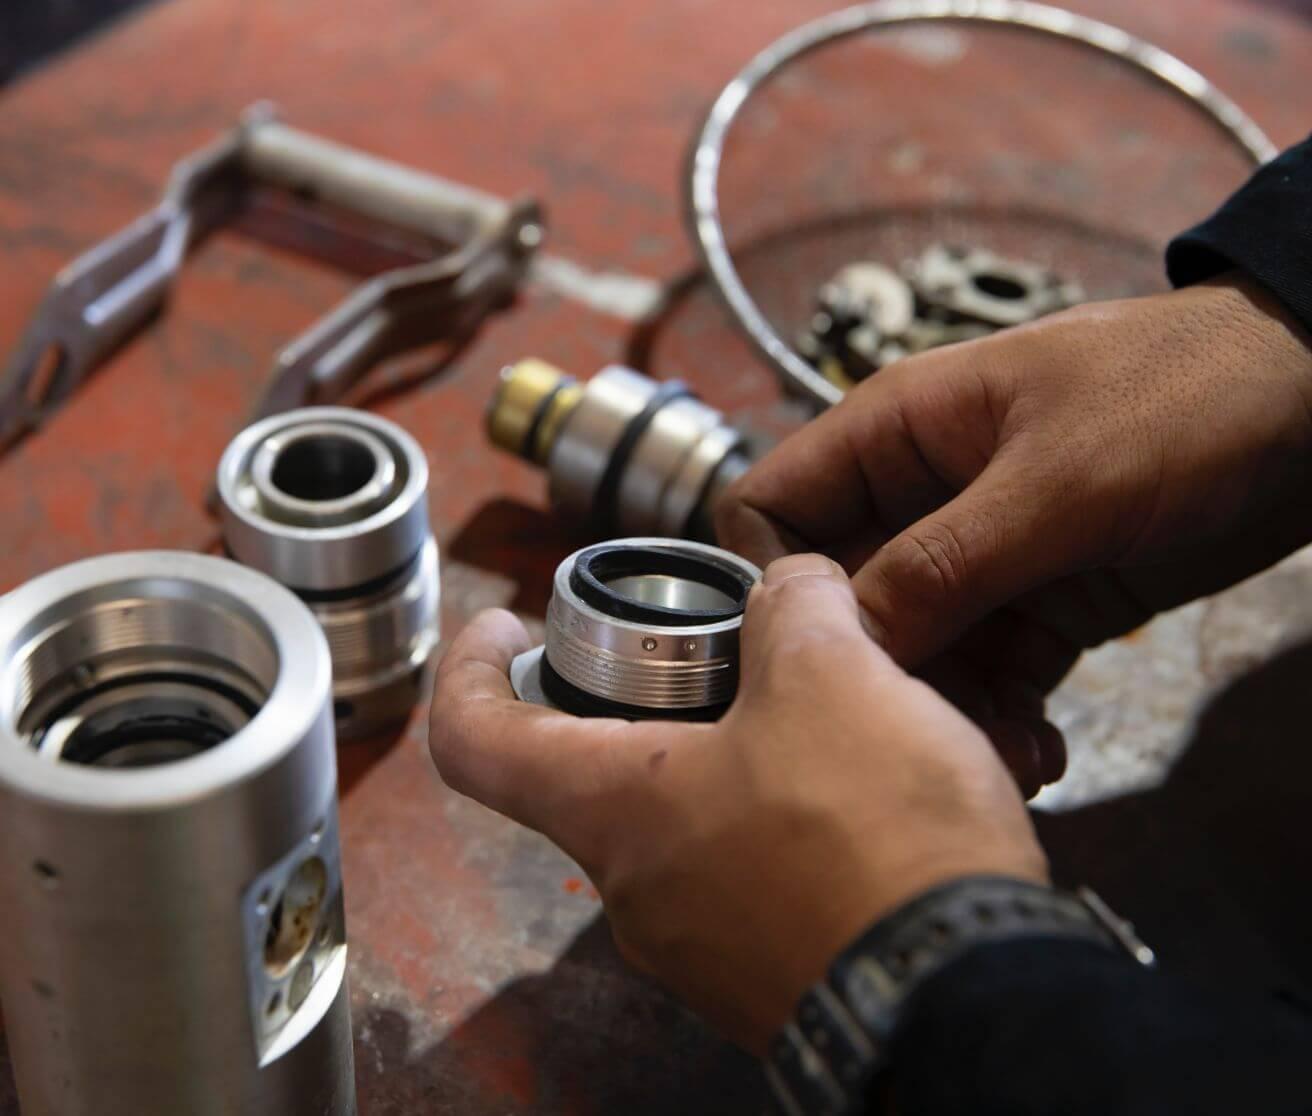 LPガス容器用バルブの再検査や民生用バルク貯槽の安全弁の再検査と取り換え工事